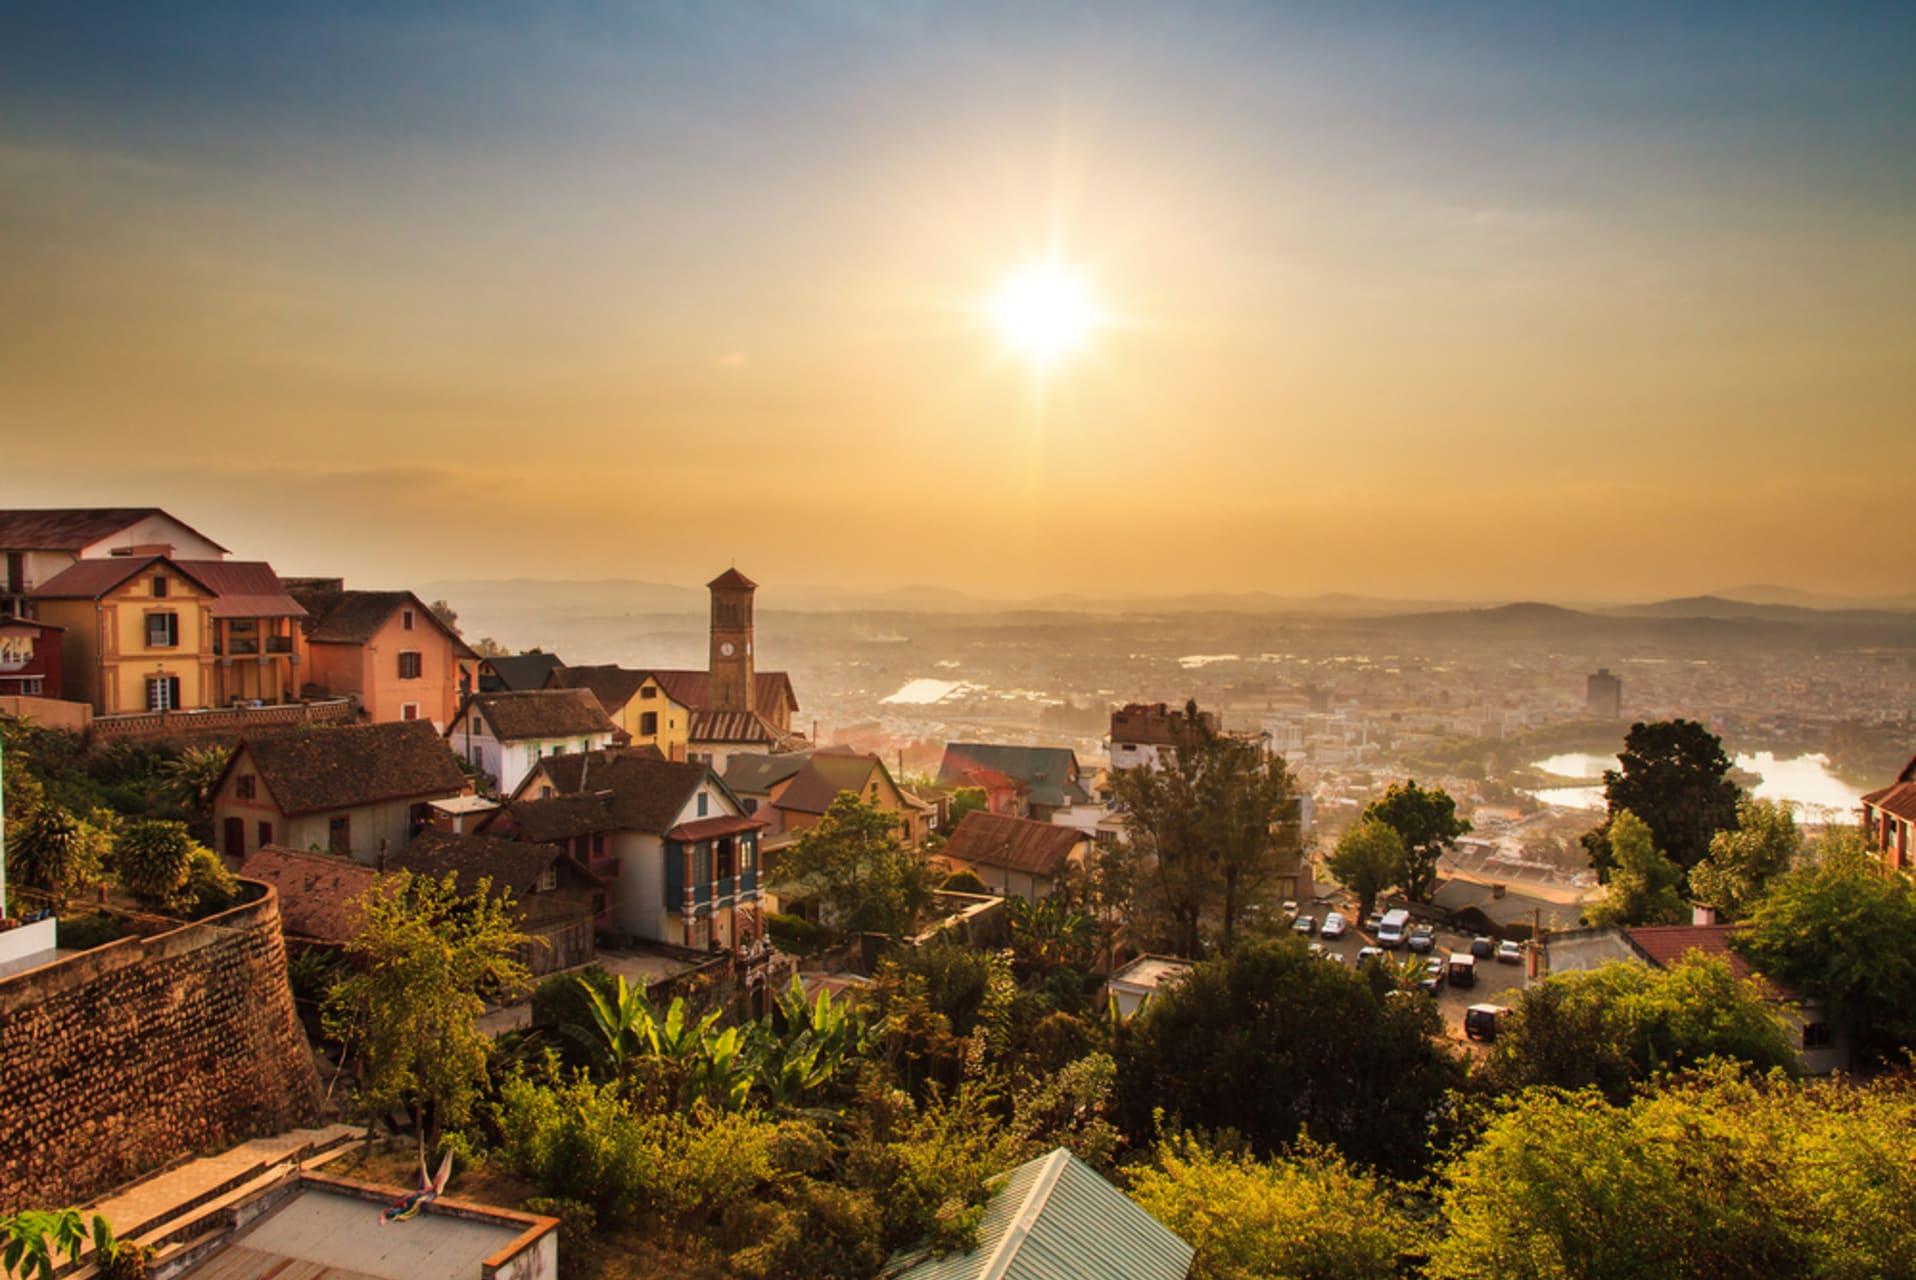 Antananarivo - Discover Madagascar: A Glimpse of Antananarivo, the City of the Thousand